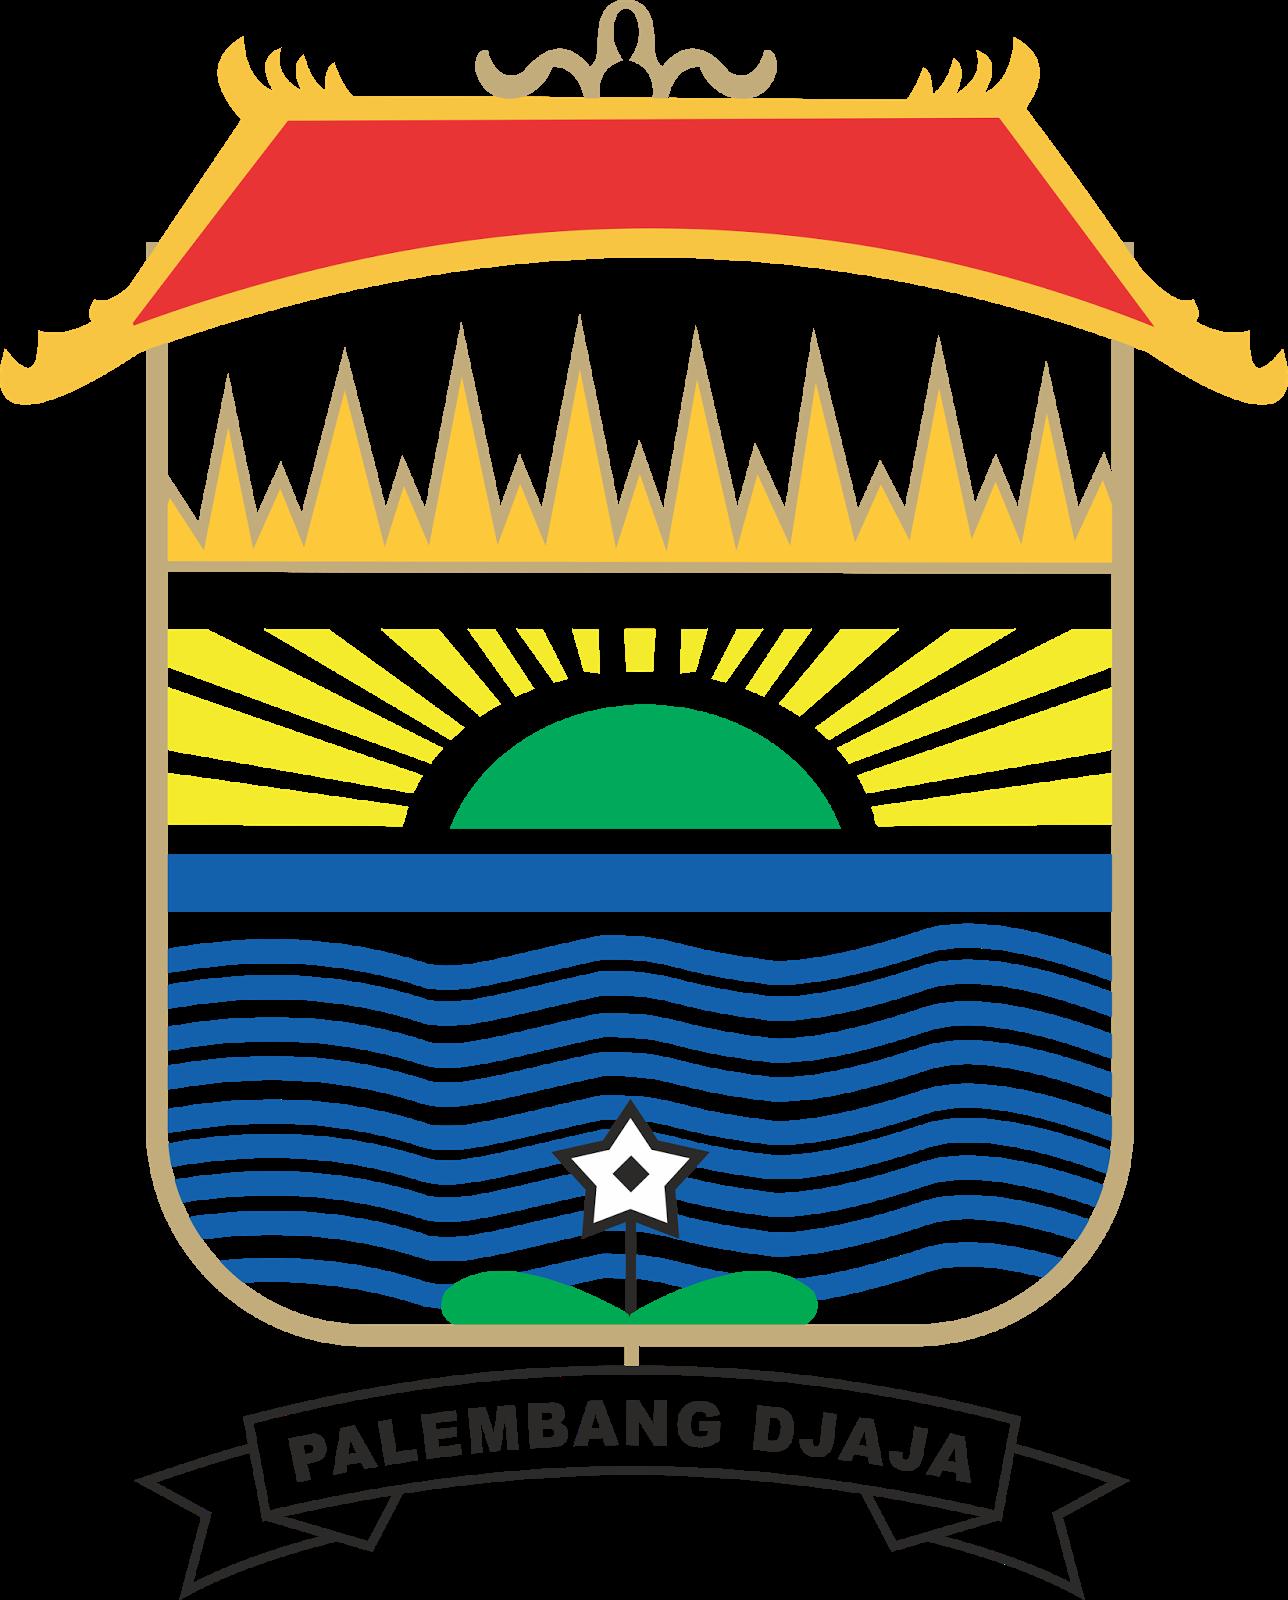 7 Kota Palembang Brasao Bandeiras